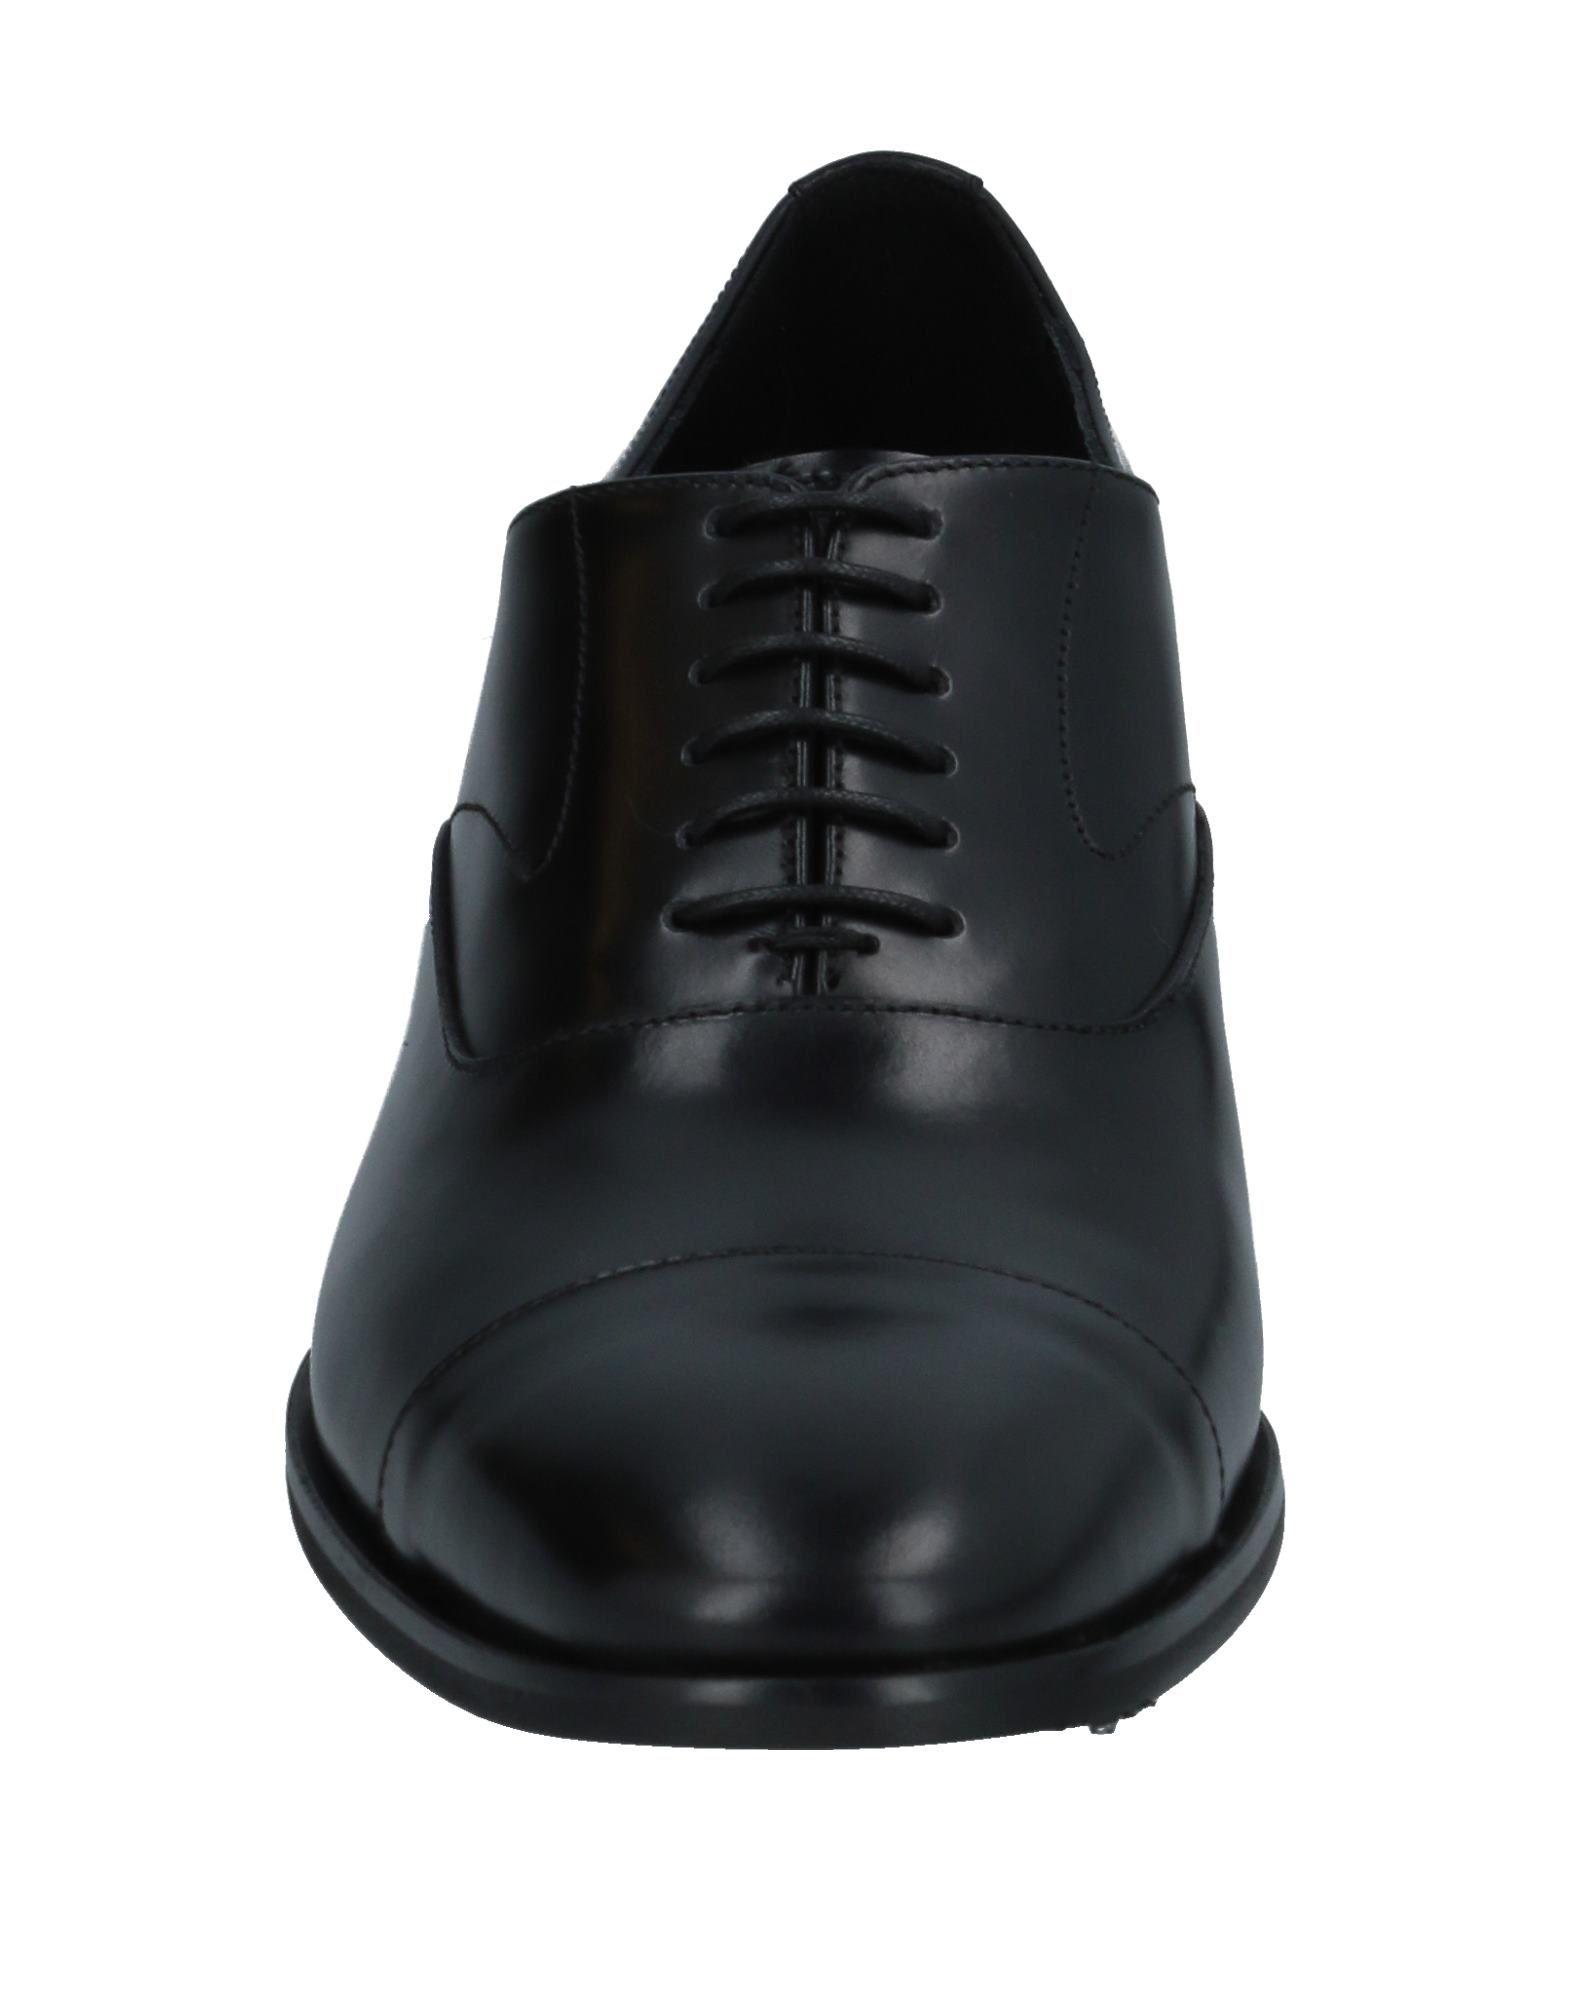 Vivienne Westwood Schnürschuhe Herren beliebte  11521551KT Gute Qualität beliebte Herren Schuhe 745755